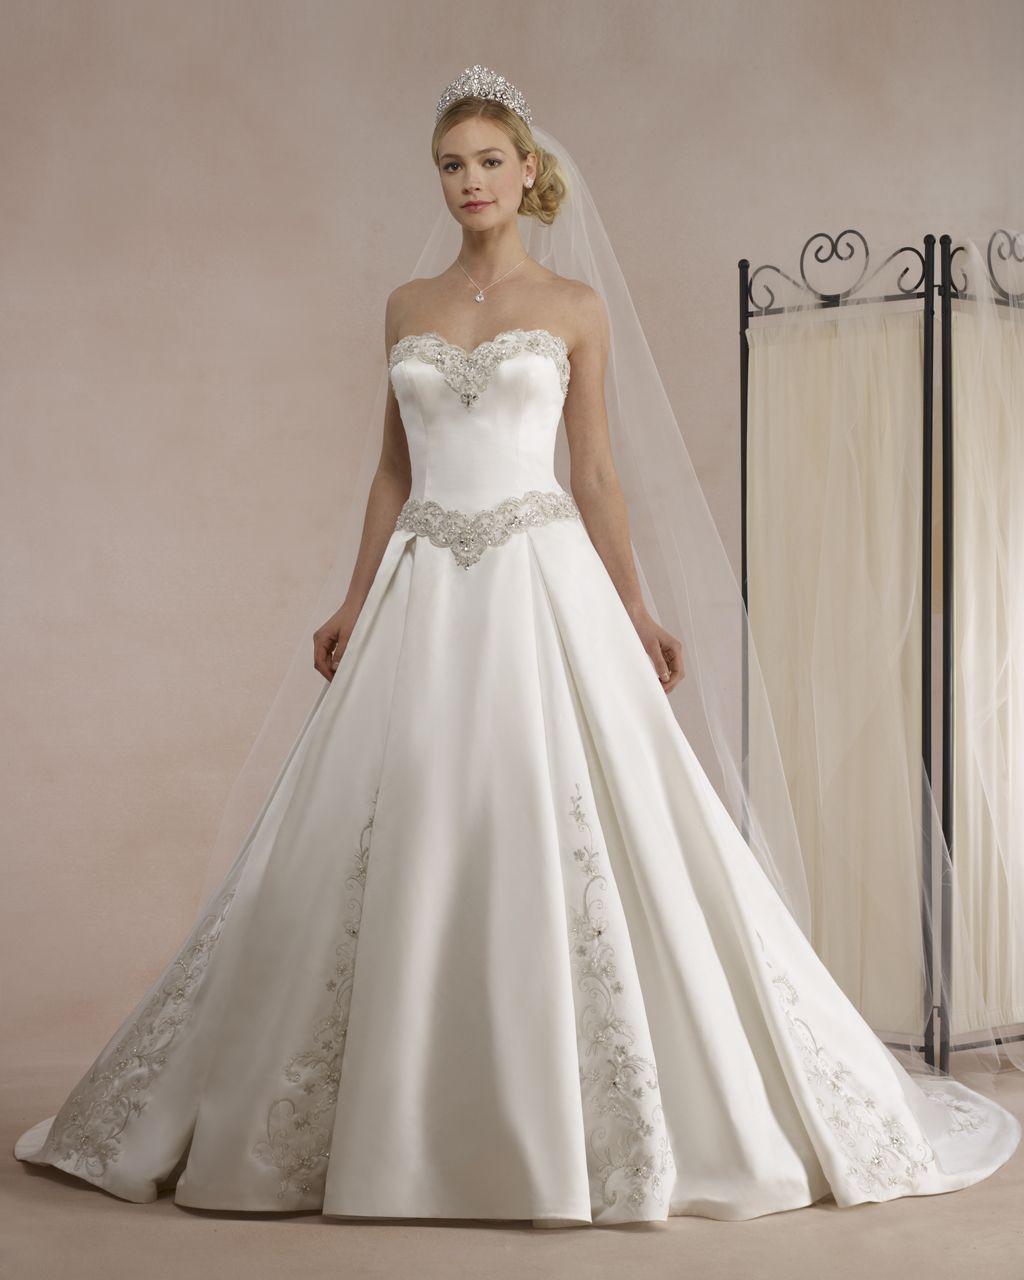 Cinderella wedding dress Magnolia bridal Ball gowns